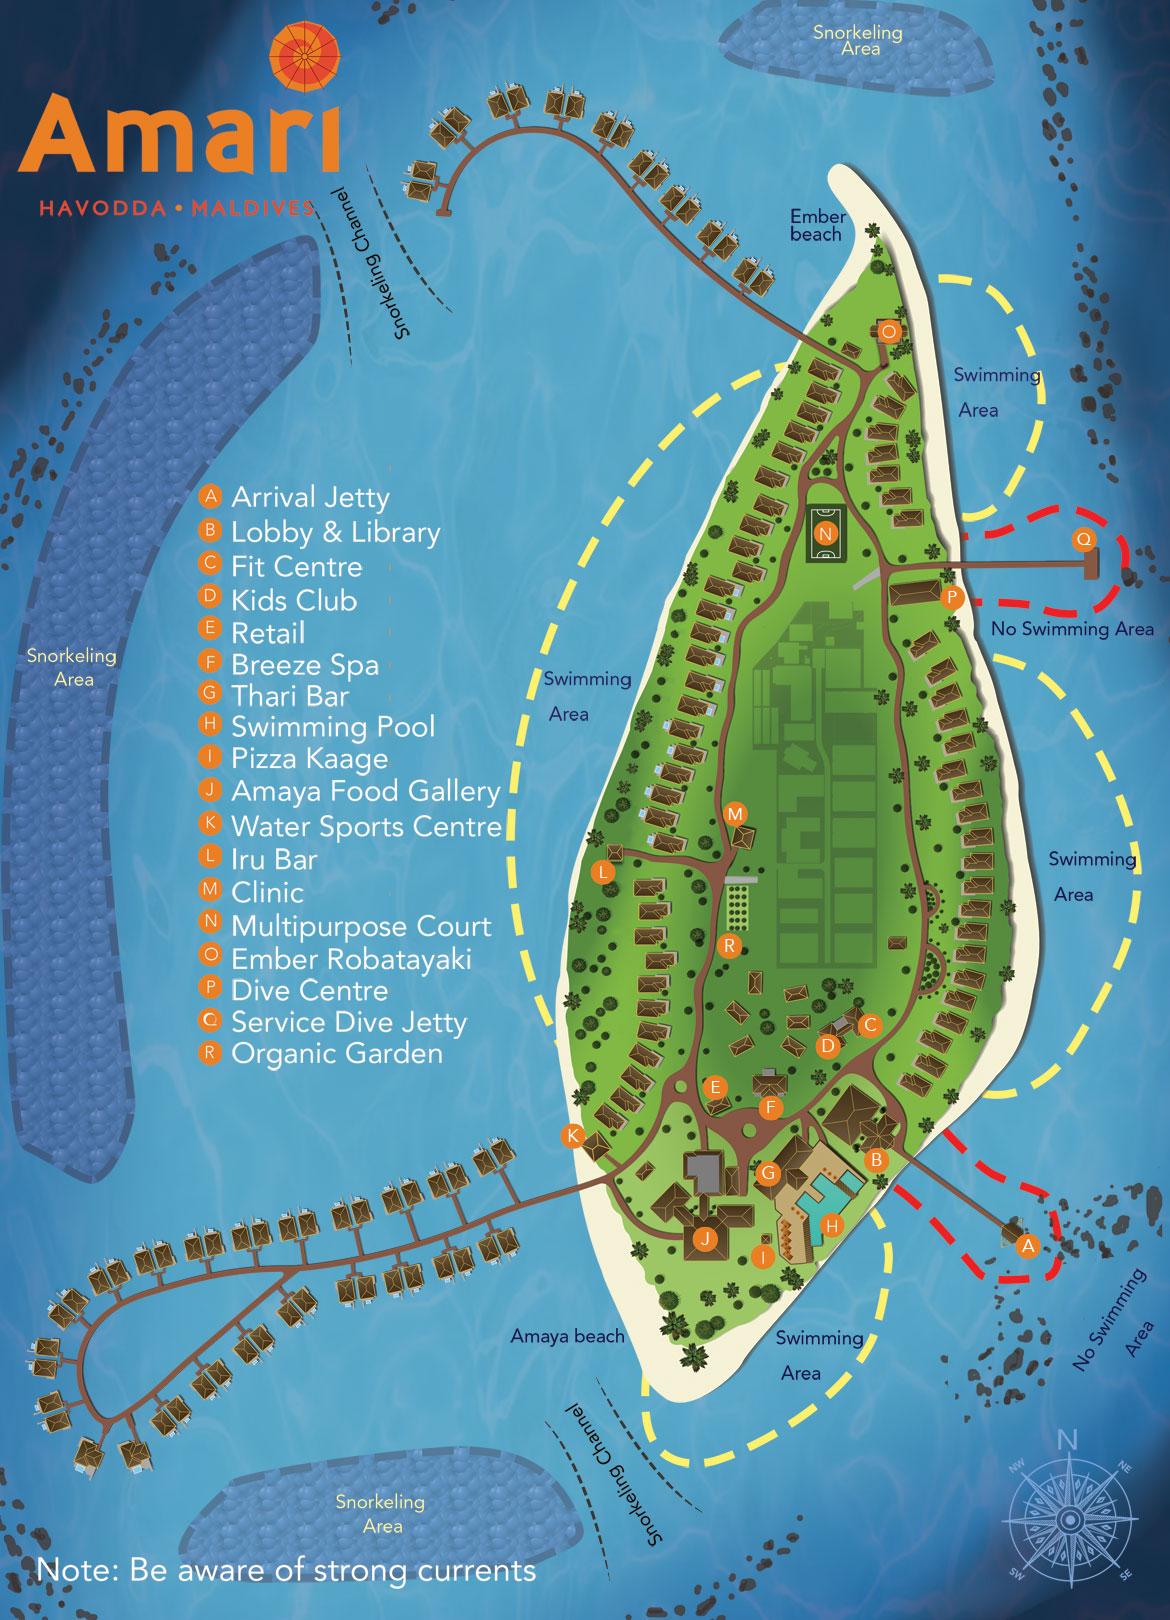 Lageplan Amari Havodda Maldives